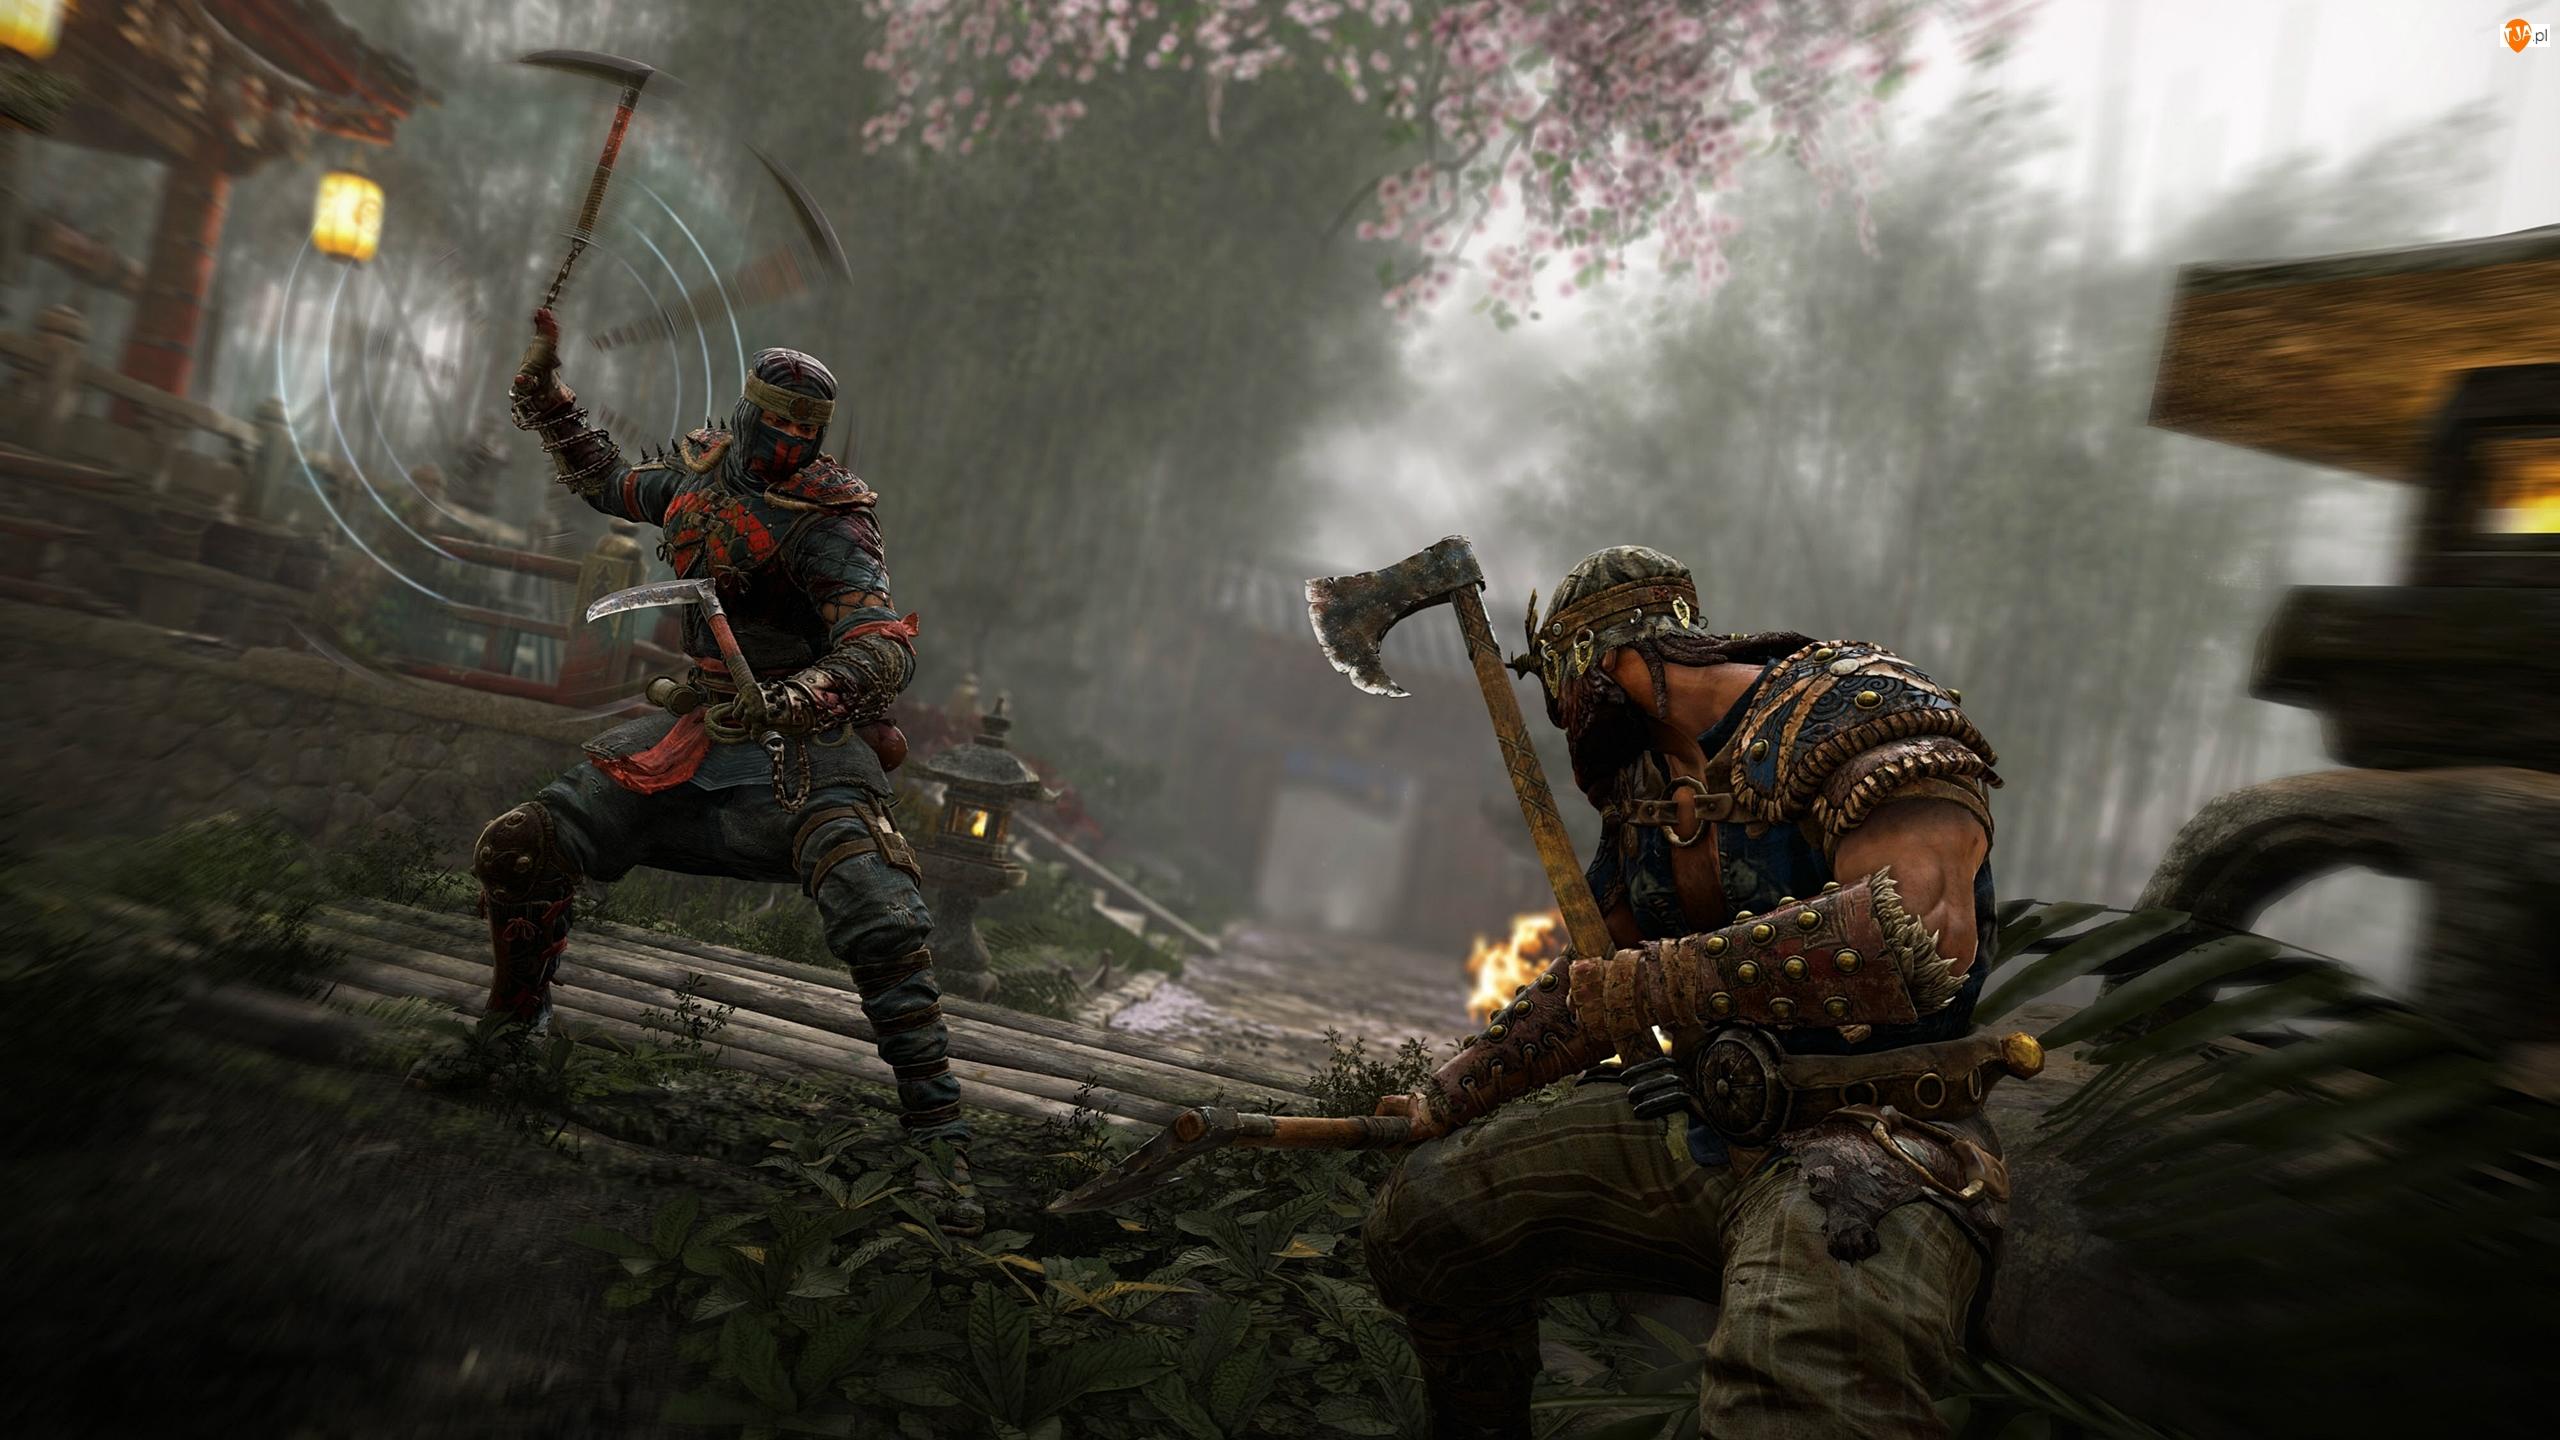 Wiking Berserk, For Honor, Samuraj Shinobi